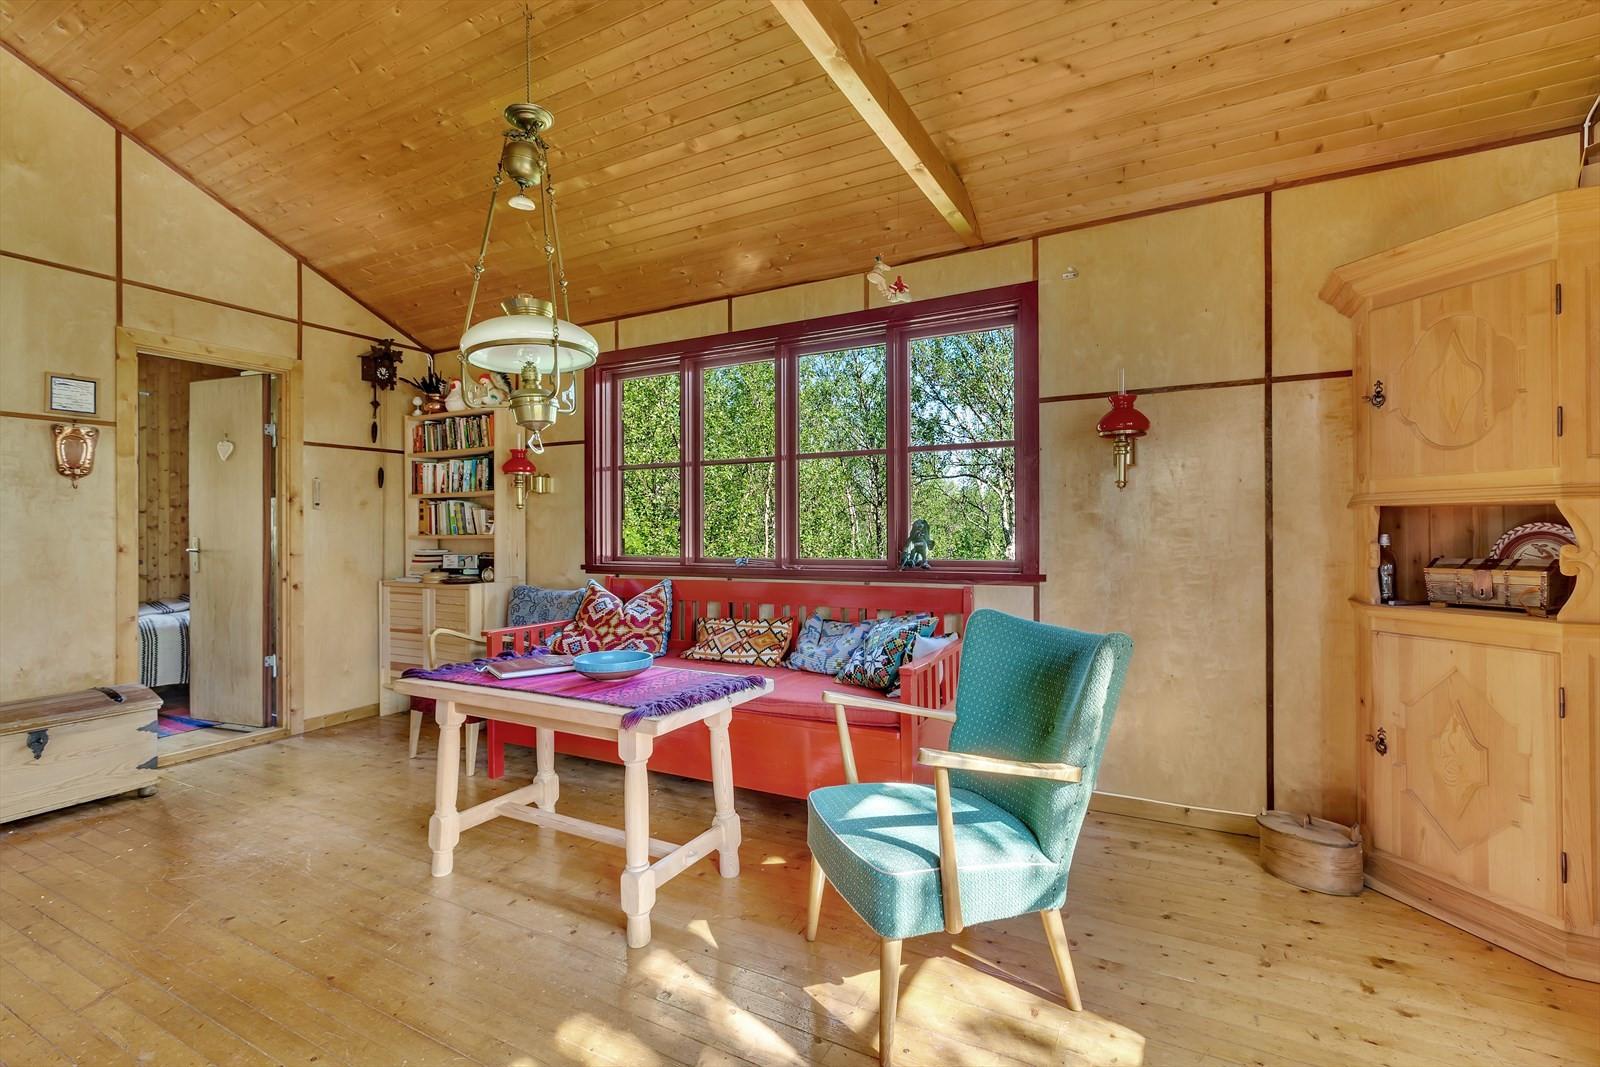 Møbler som står i hytten kan medfølge etter avtale